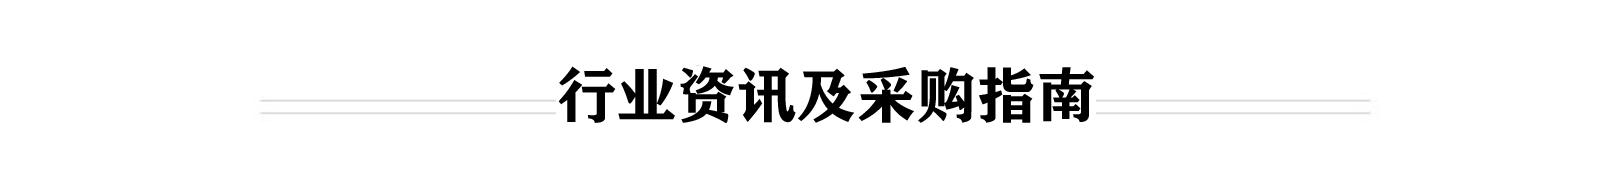 河beimanbetx体育注ce化粪池chang家zhi销